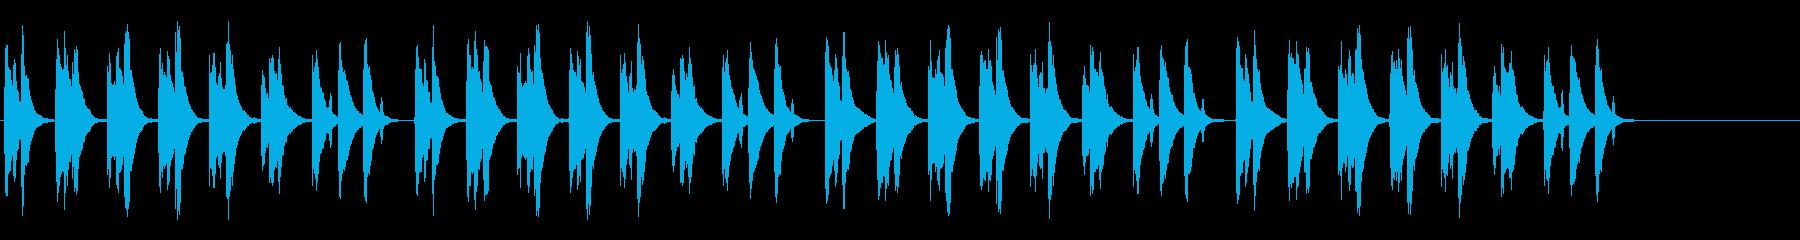 ほのぼの系の日常曲の再生済みの波形